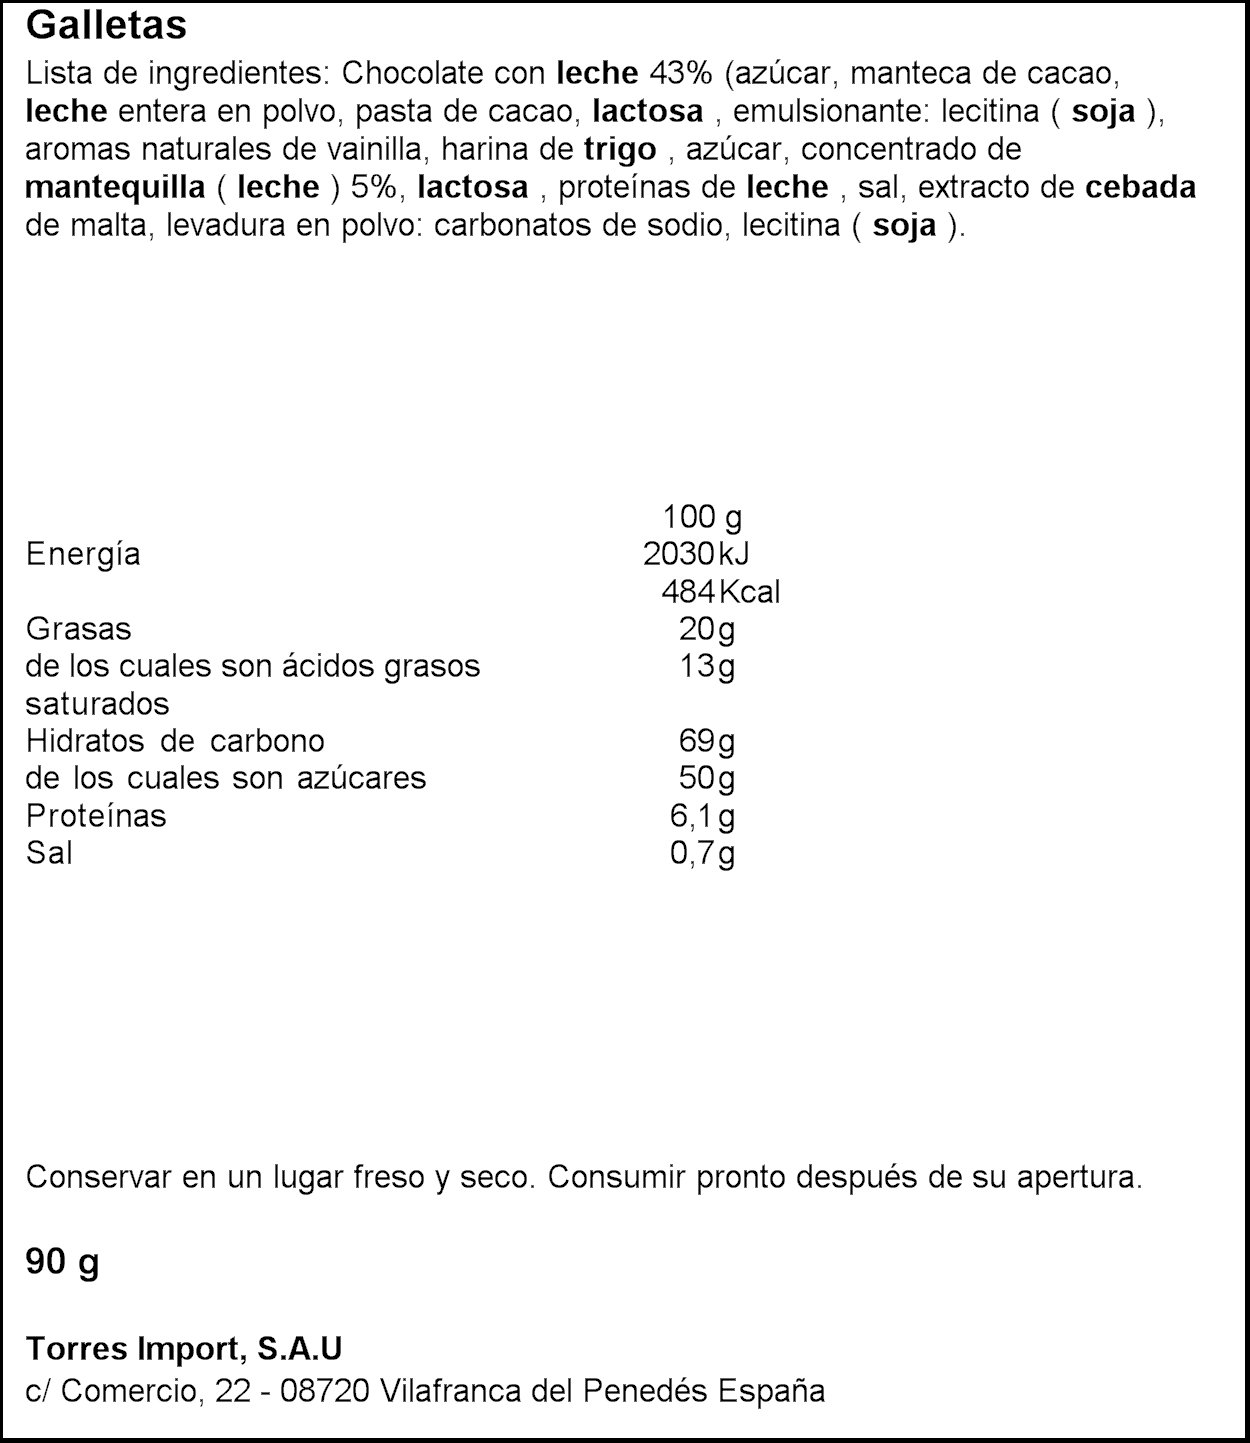 Gavottes - Crêpe Chocolate Con Leche - 90 g: Amazon.es: Alimentación y bebidas